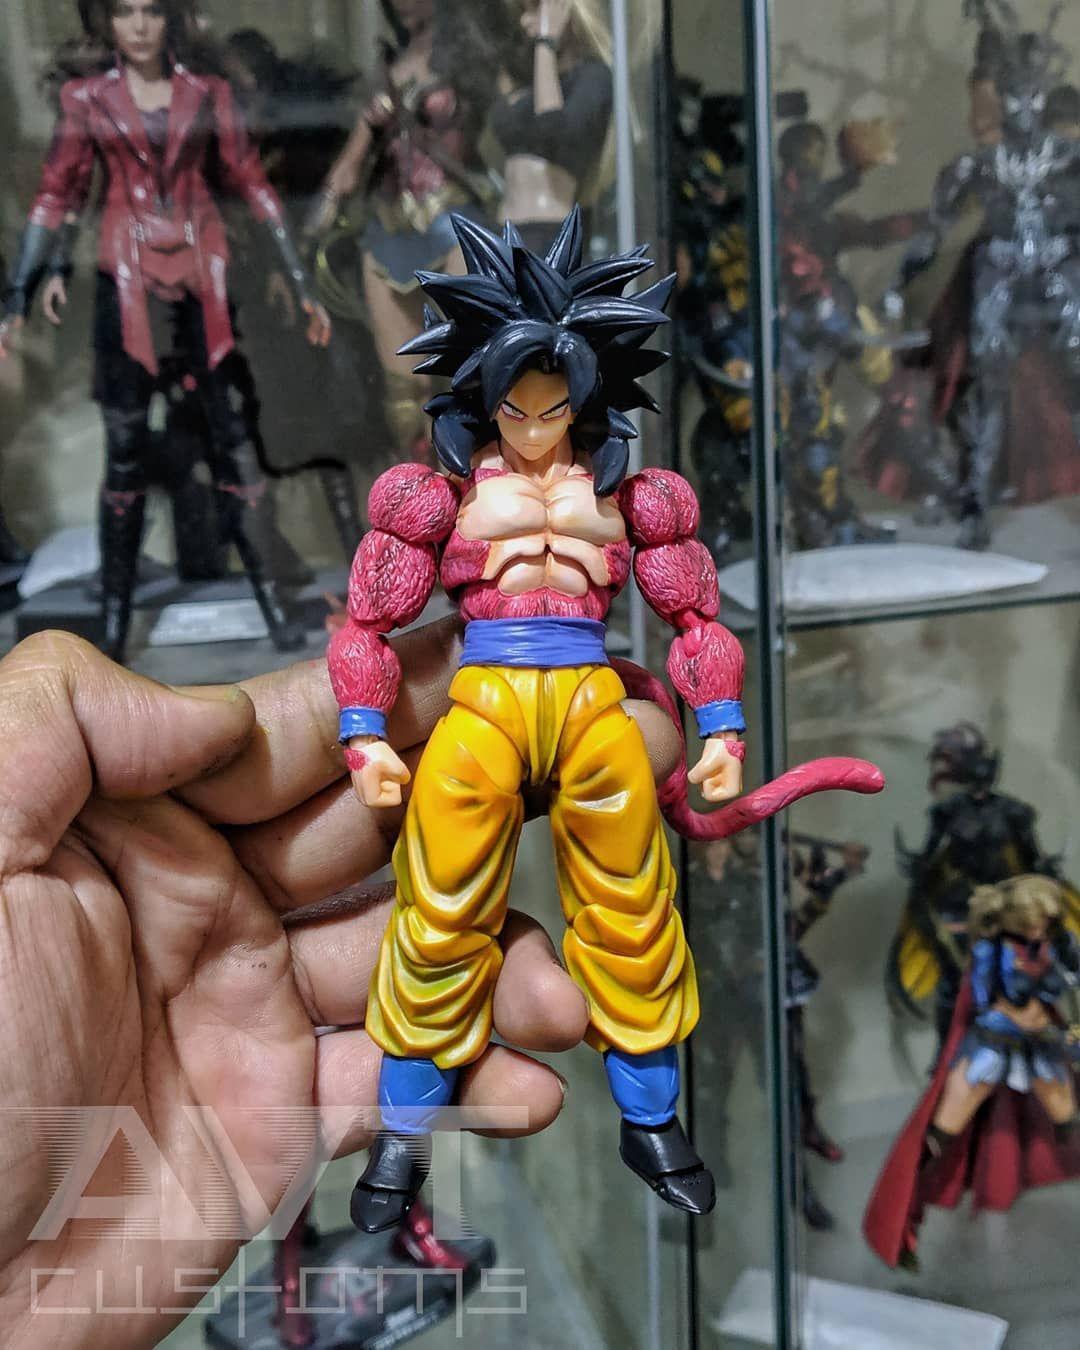 Custom Super Saiyan 4 Goku Gt Version Super Saiyan 4 Goku Super Saiyan Blue Super Saiyan Bardock